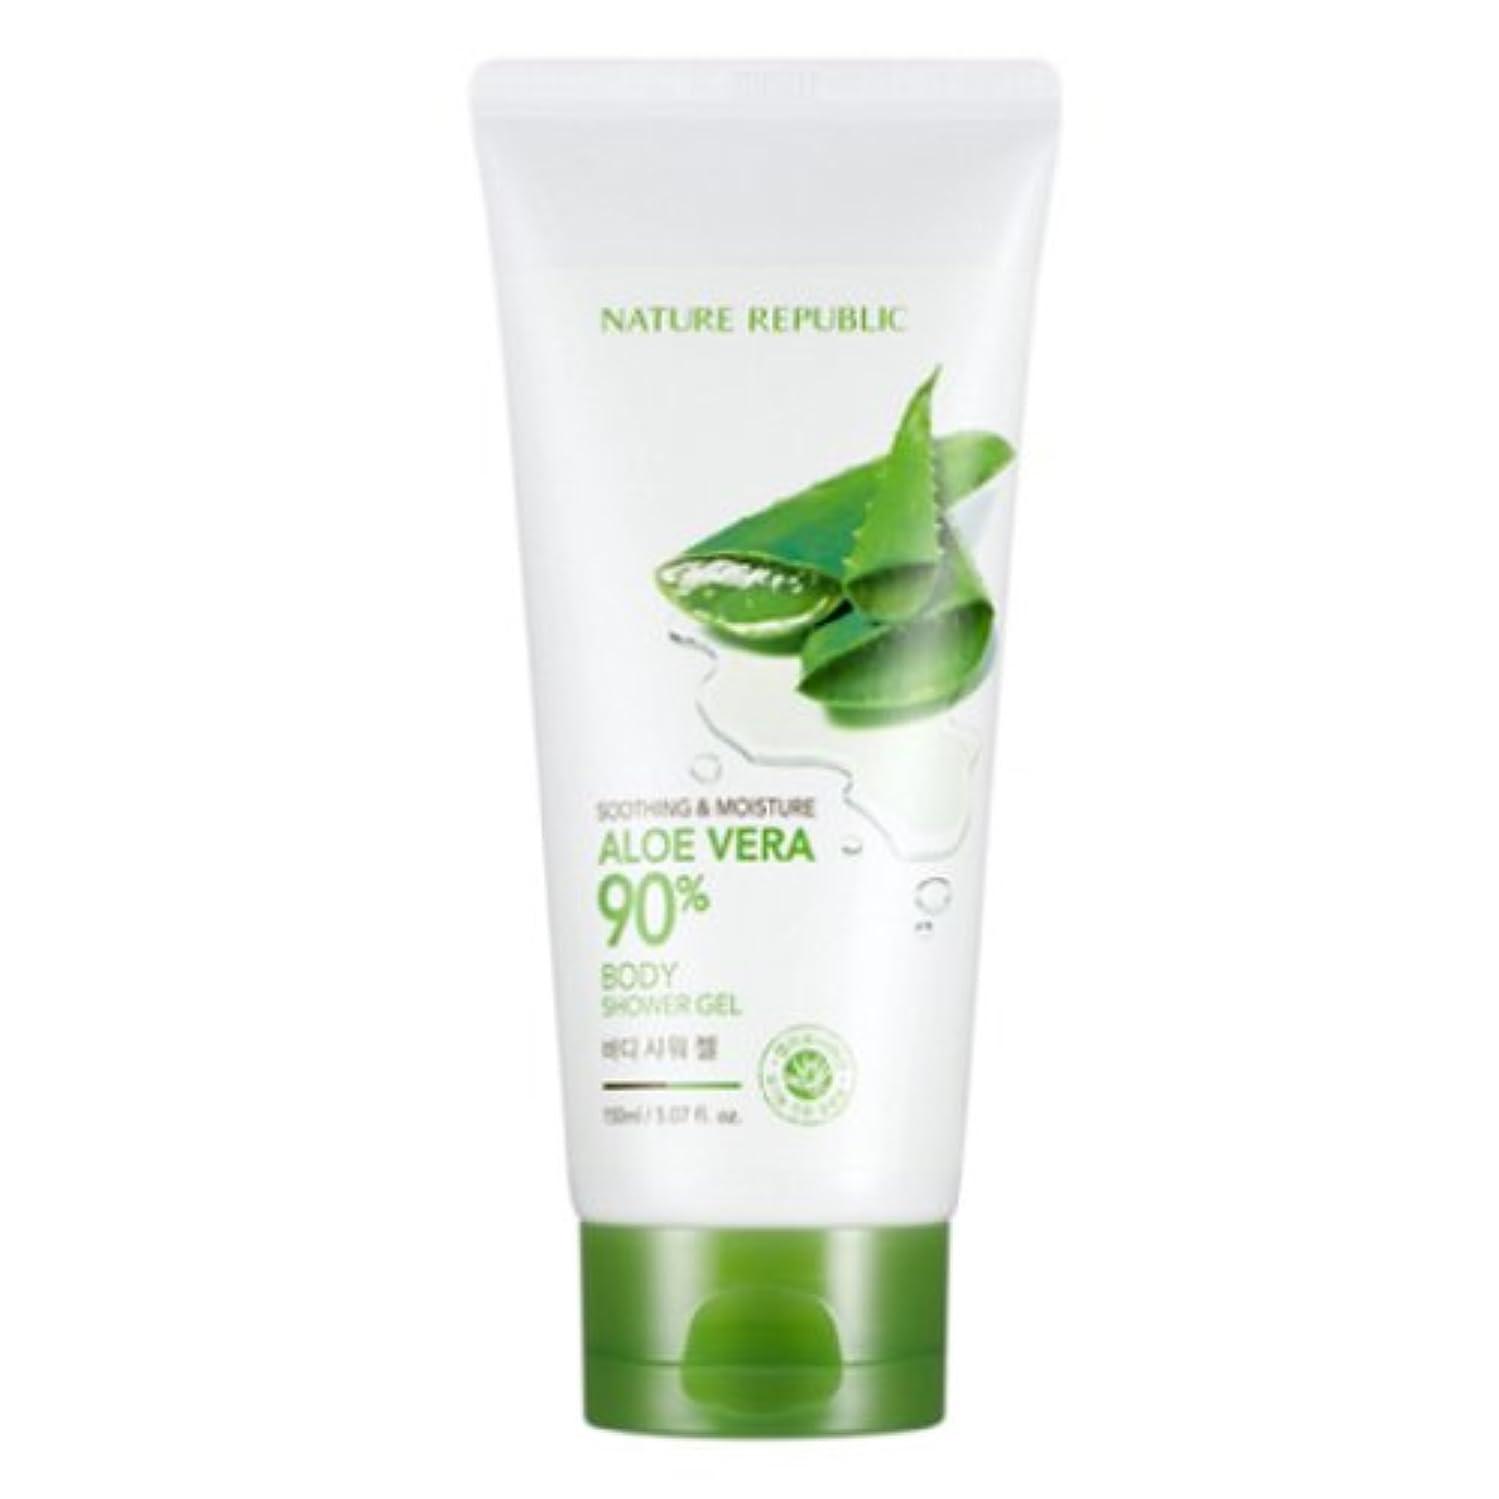 エクスタシー寛大な泥[ネイチャーリパブリック] Nature republicスージングアンドモイスチャーアロエベラ90%ボディシャワージェル海外直送品(Soothing And Moisture Aloe Vera90%Body Shower...